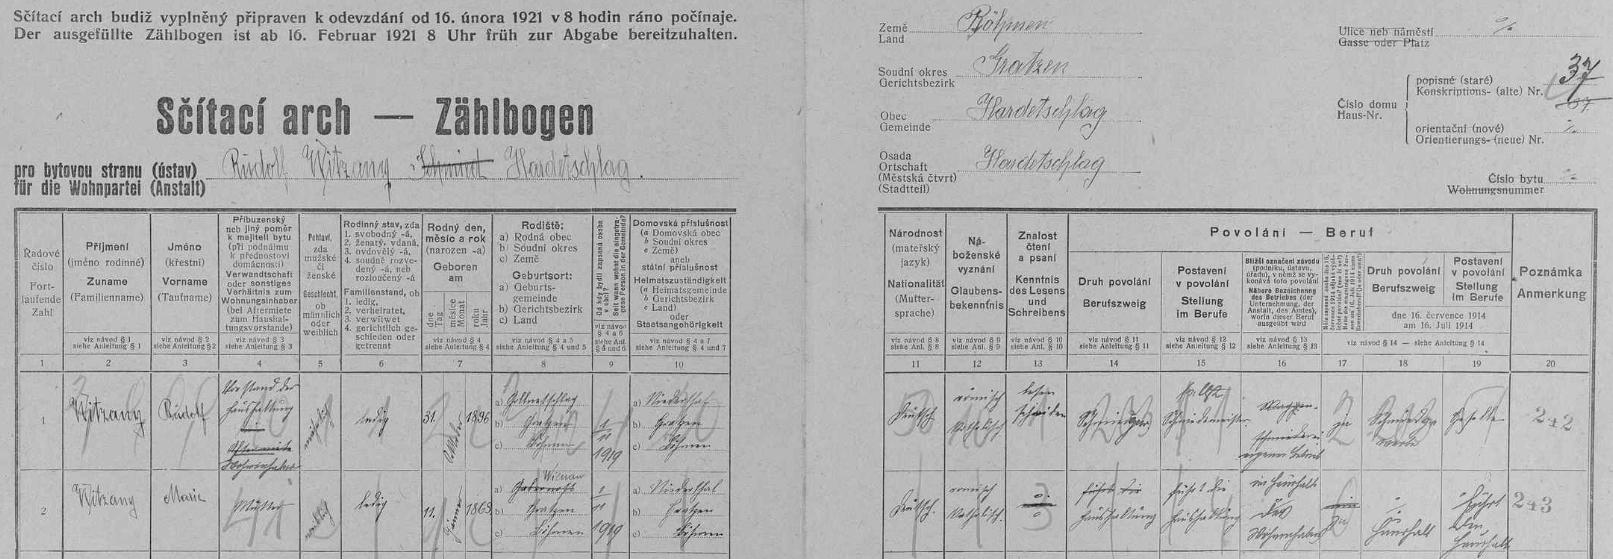 Příjmení Witzany se v Hartunkově během sčítání lidu v roce 1921 vyskytovalo jen na stavení čp. 37 /už ve vsi nestojí/, kde žil kovář /i podle rukopisu pevné a rázné ruky/ Rudolf Witzany (*31. října 1896 v Klení /Gollnetschlag/), tehdy dosud svobodný, se svou matkou Marií (*11. ledna 1863 veŠtiptoni /Wienau/, přeškrtnuto je původní označení rodiště Kapinos /Gabernost/)